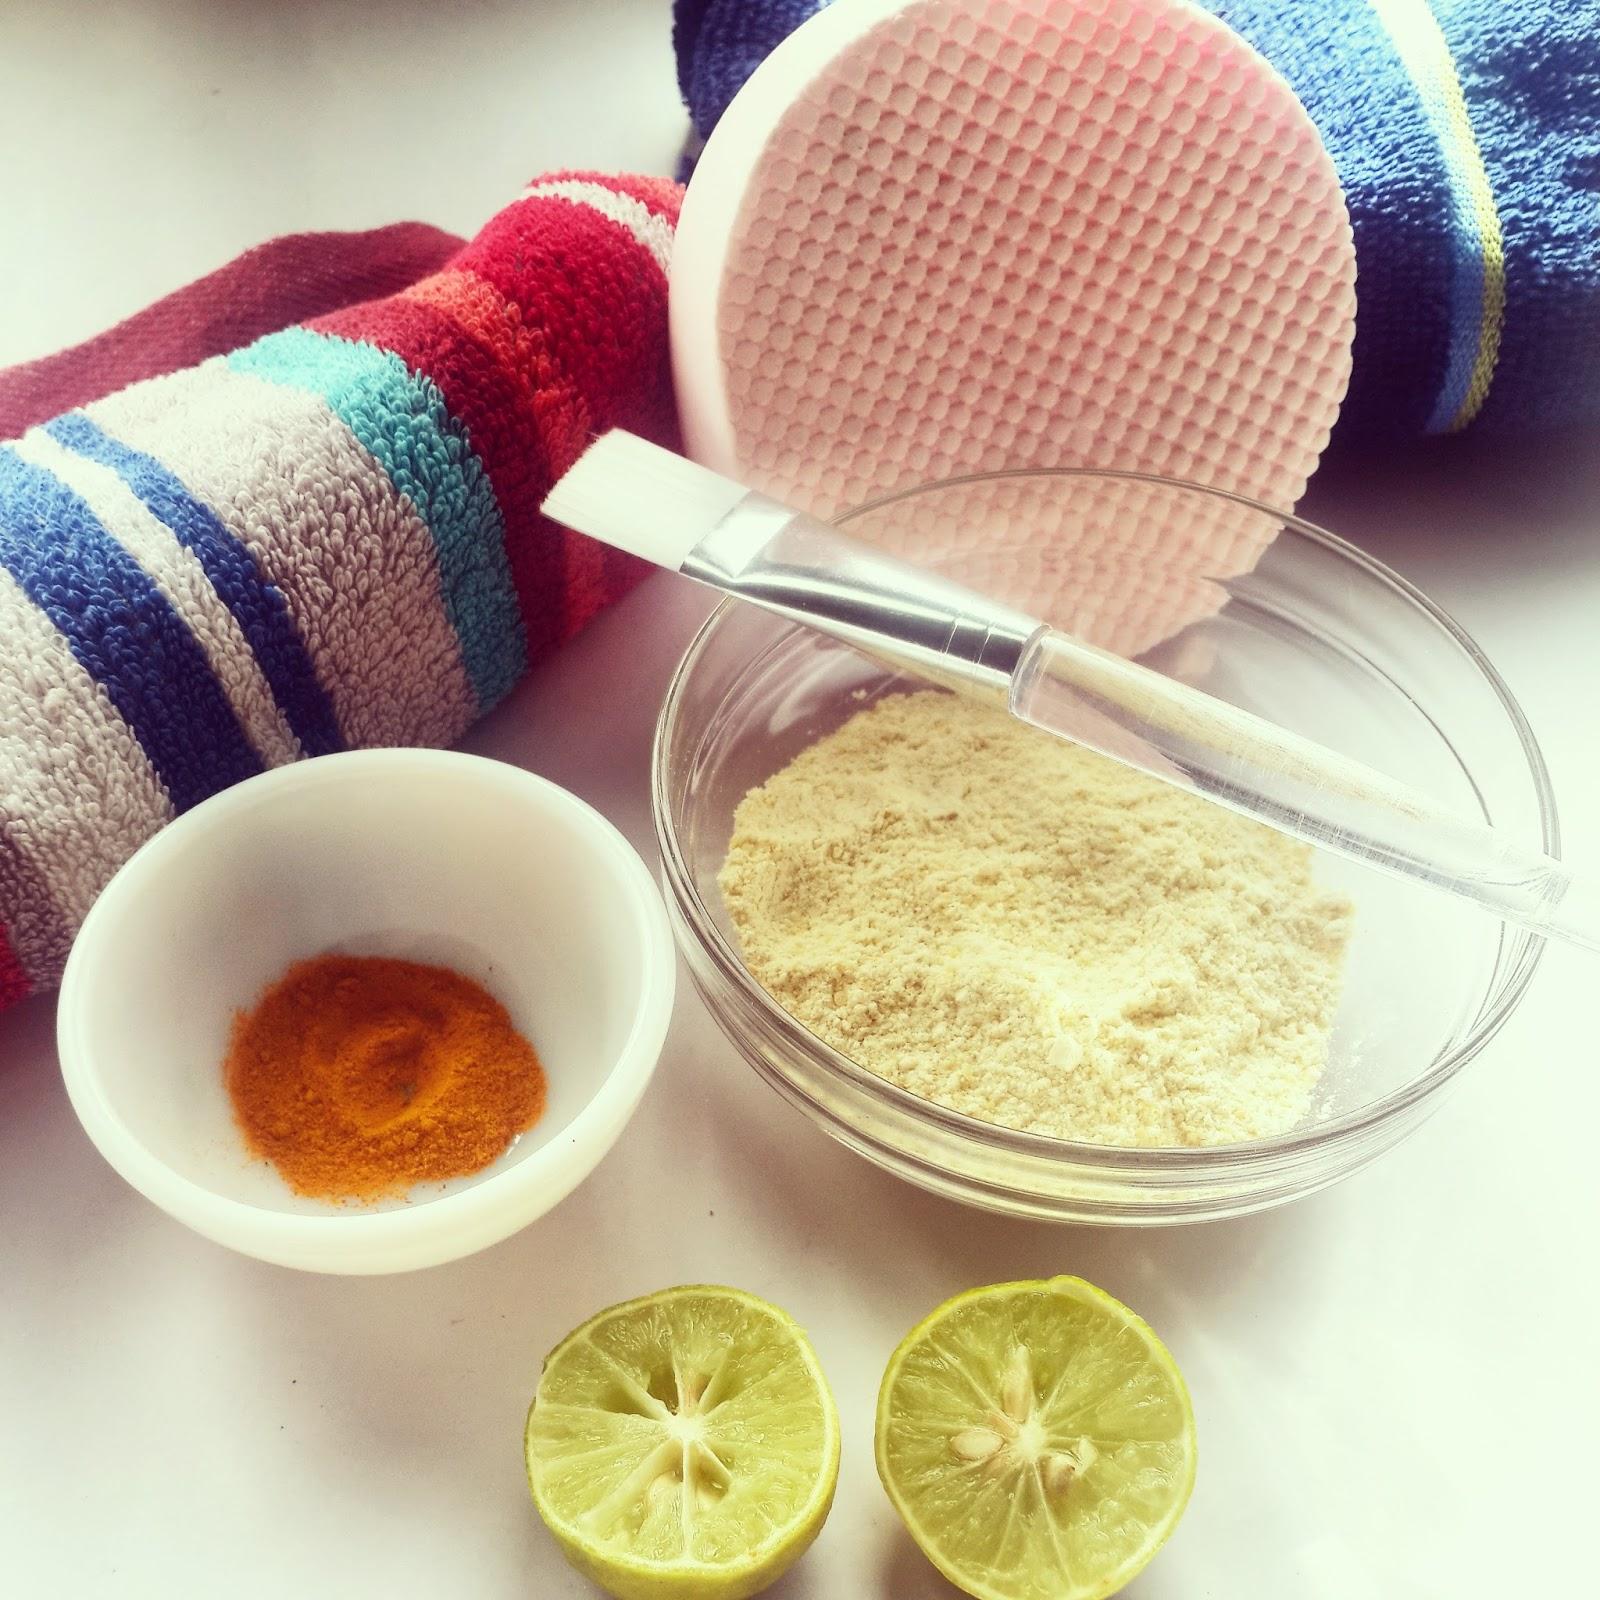 Homemade Skin Care: RIDZI MAKEUP: The Best Homemade Skin Care Recepie